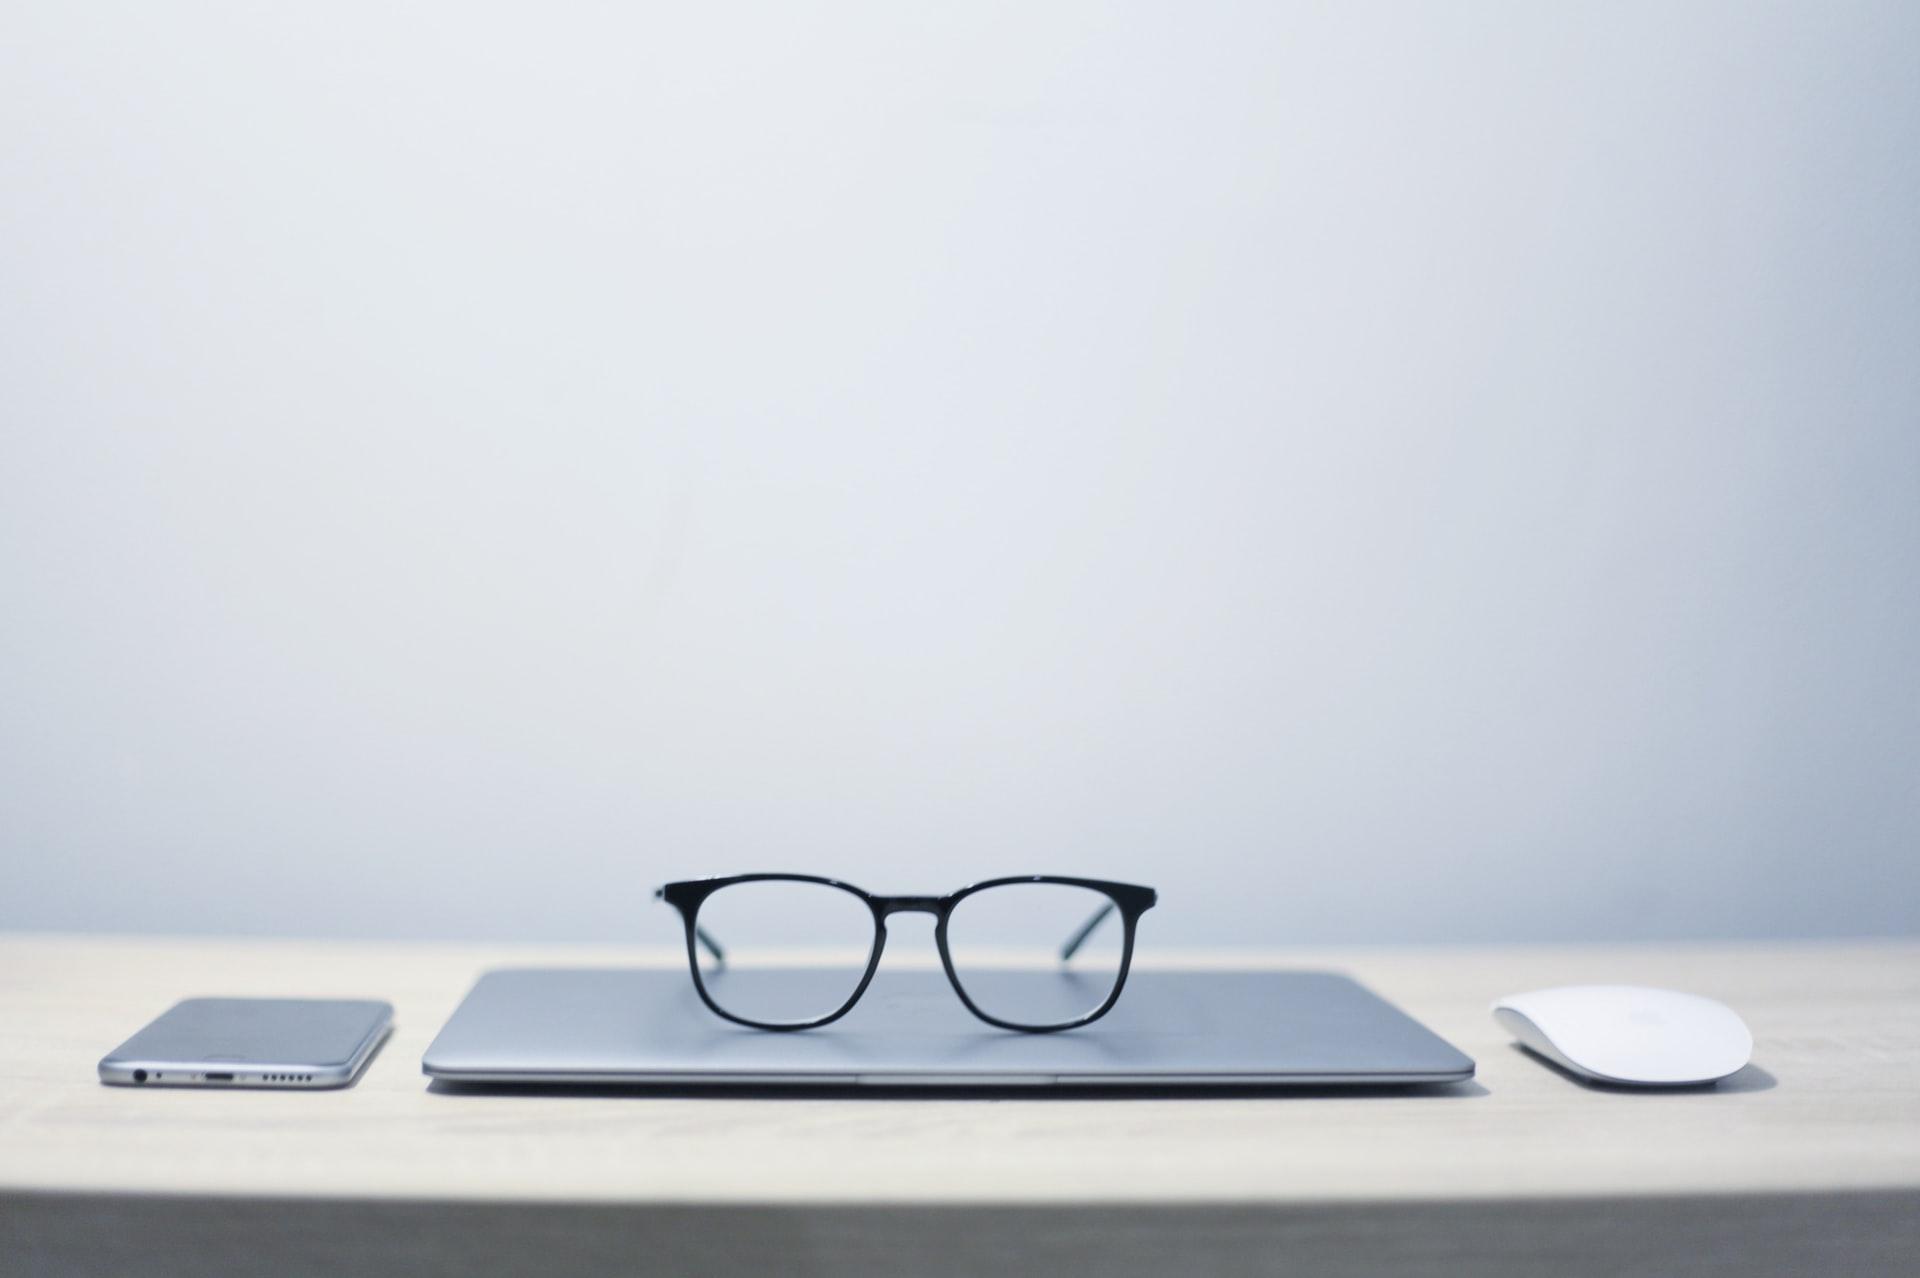 FAQ - How to get a Duty Fee Refund